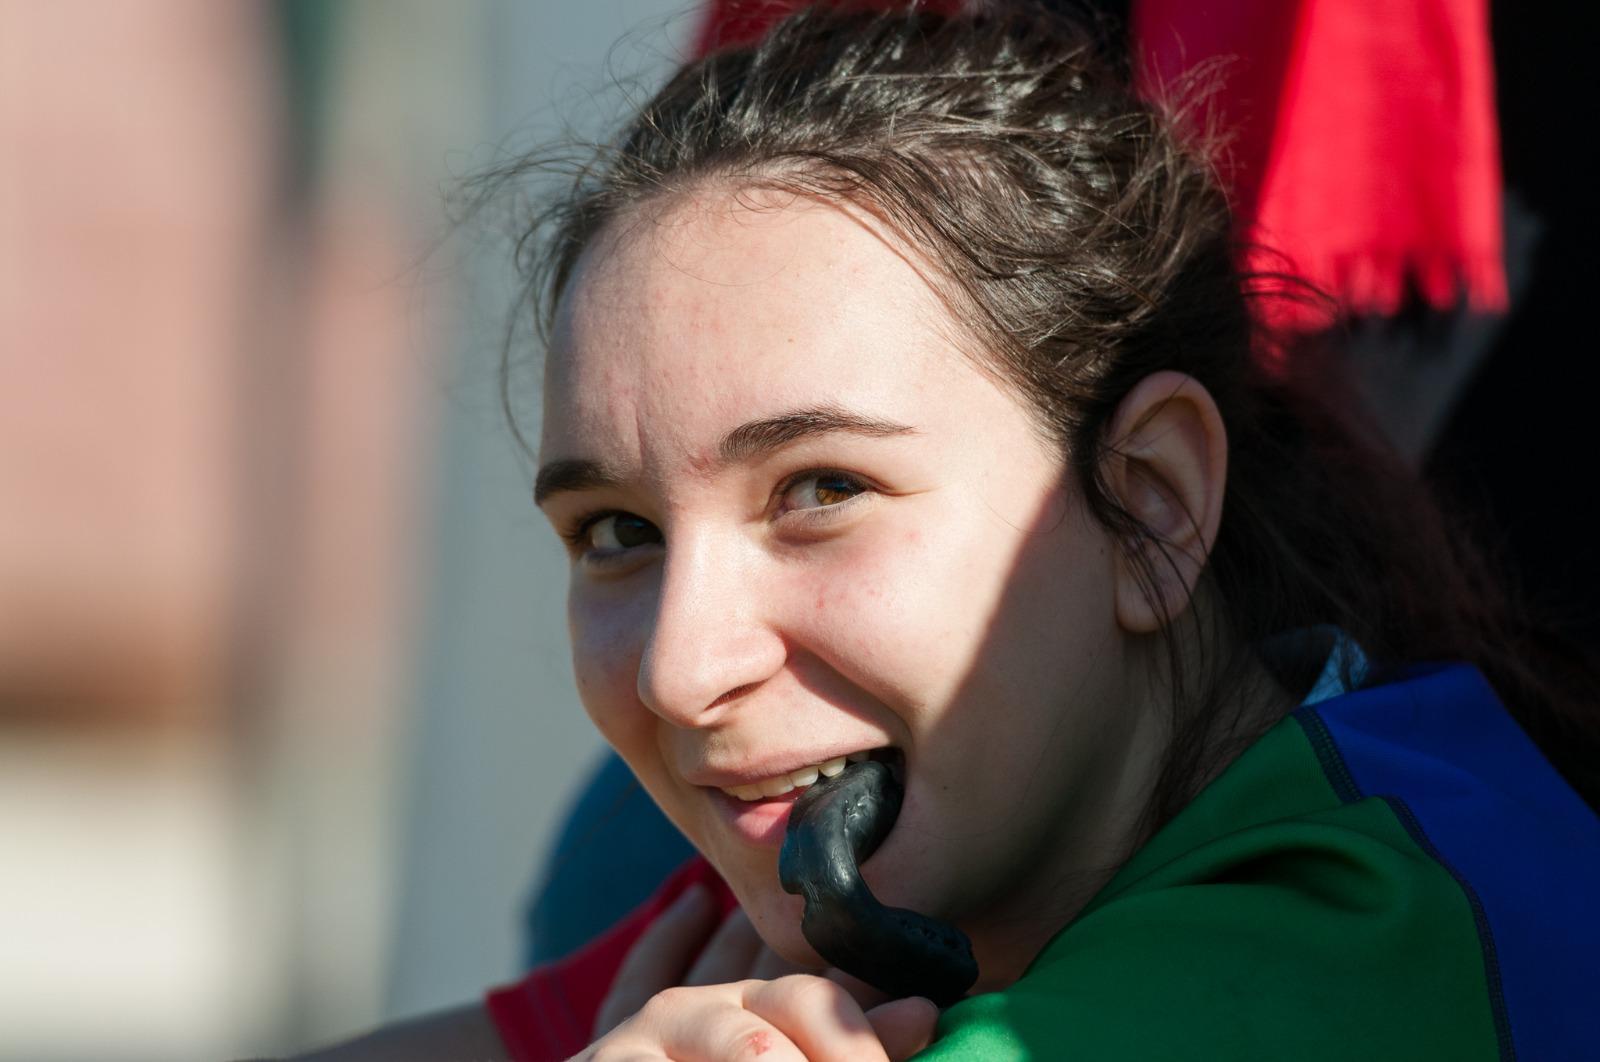 Matilde Giotti, la giovane rugbysta senese convocata per scendere in campo prima  del match delle Azzurre!